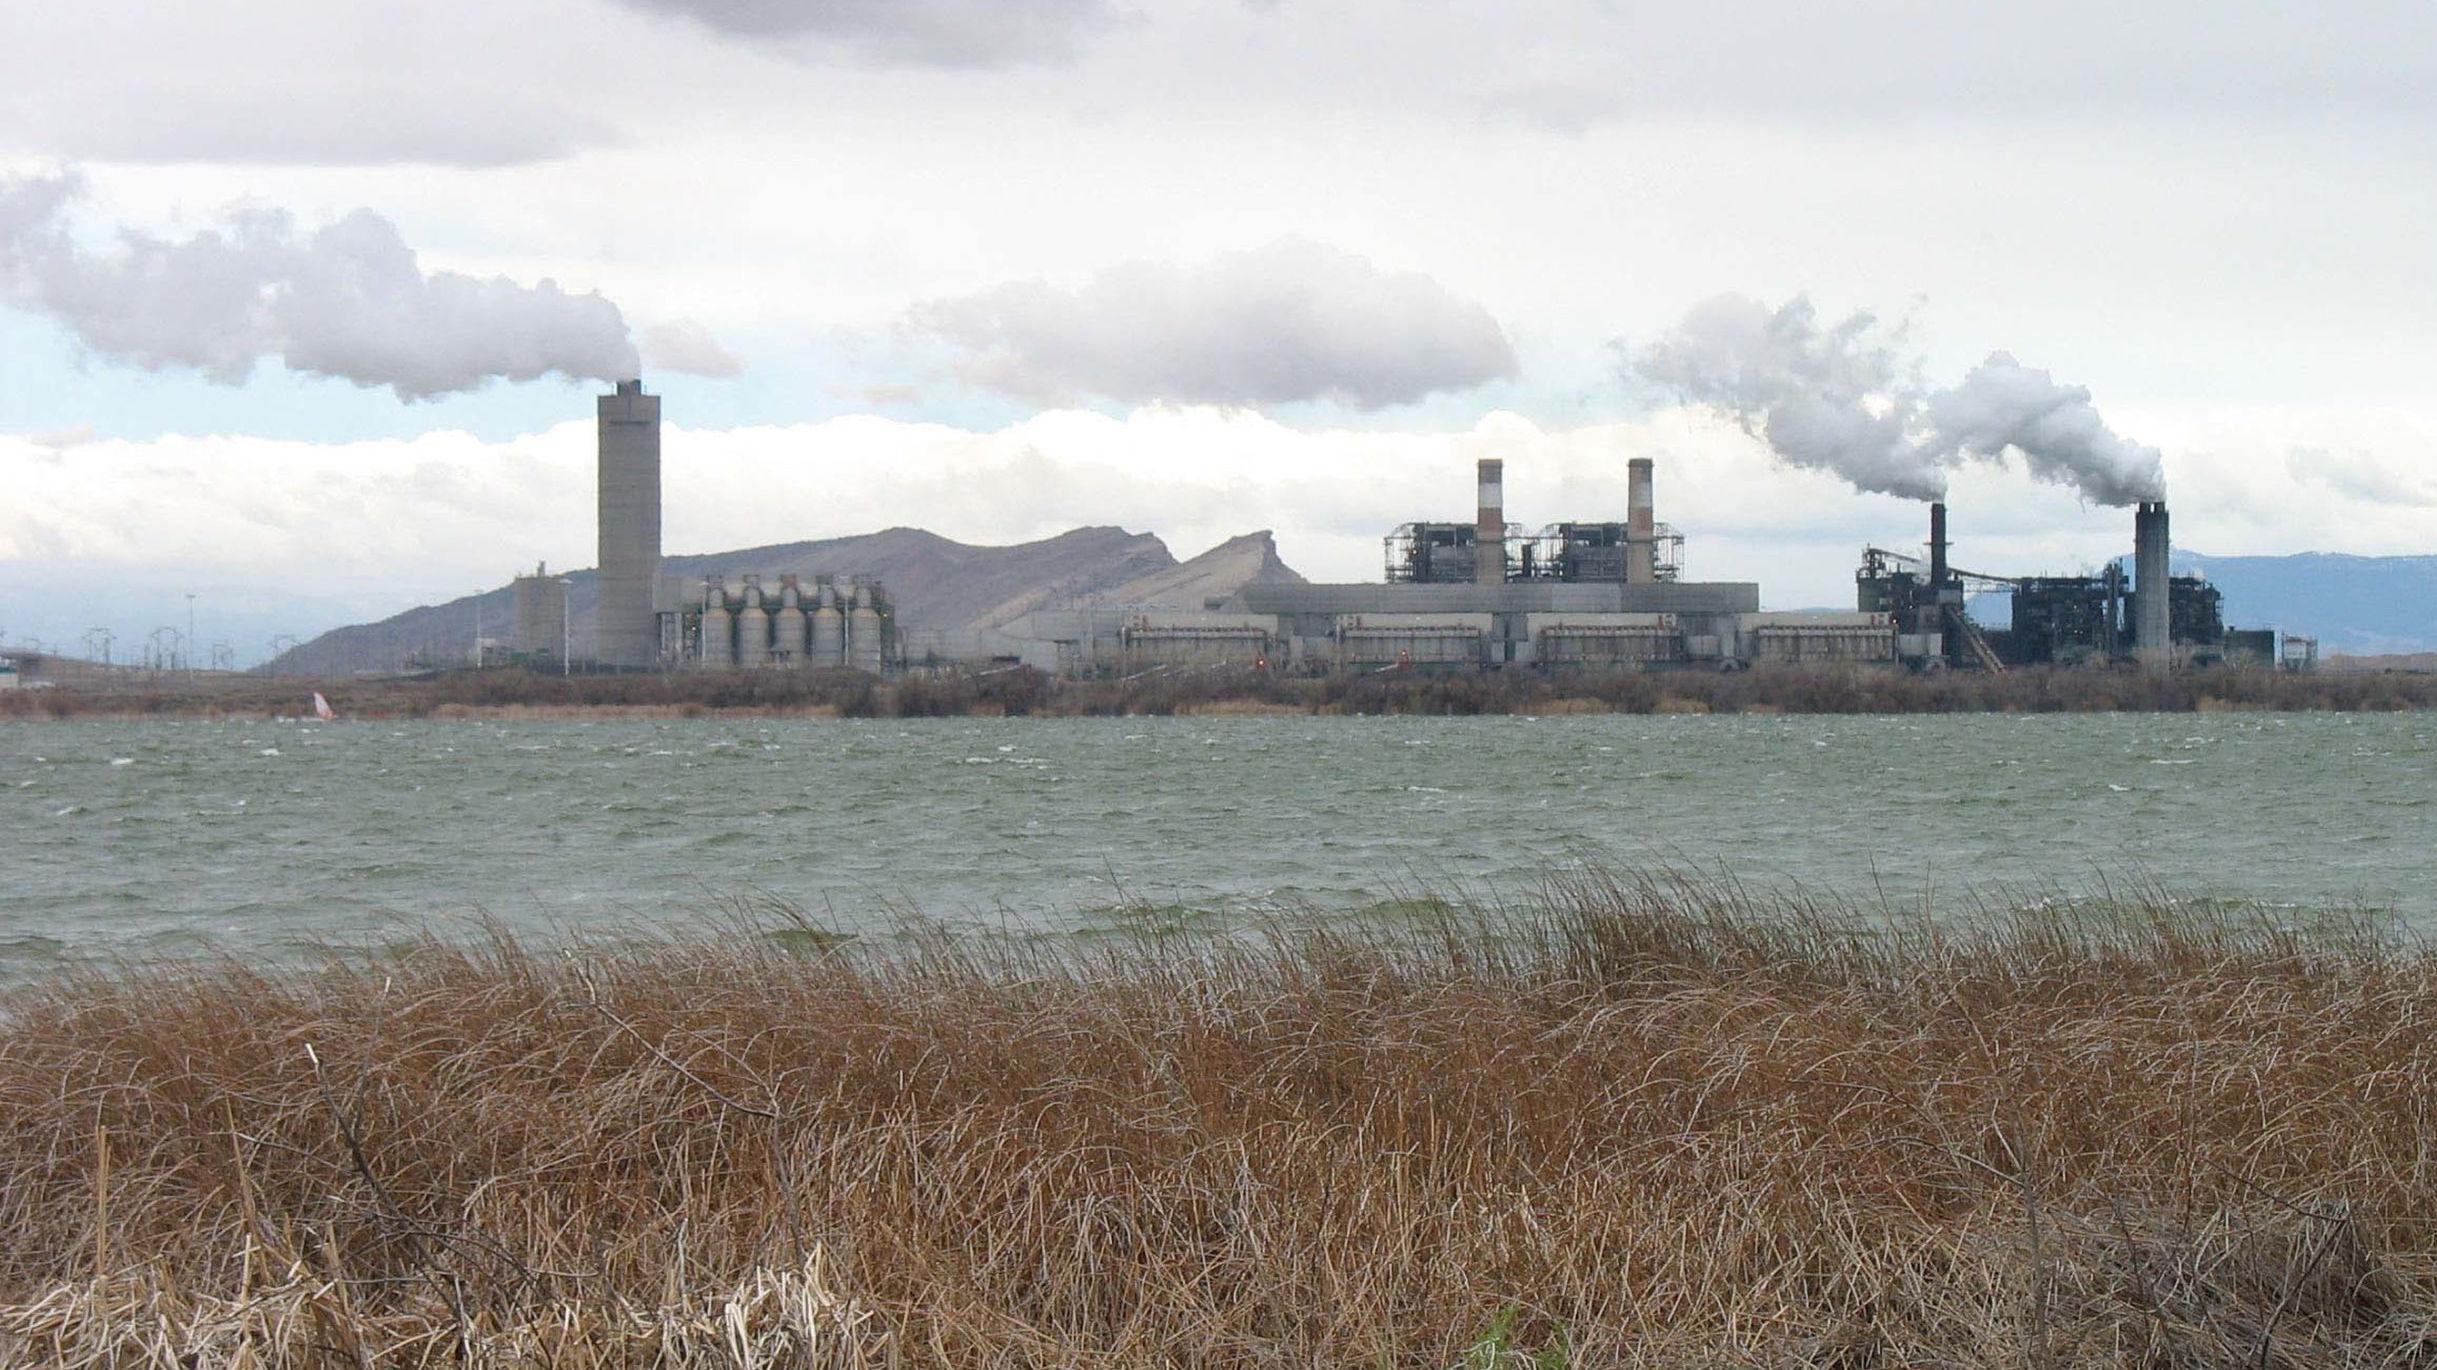 Según los cálculos de los especialistas, el uso de combustibles fósiles utilizados por EEUU, China y la India son los principales emitentes de dióxido de carbono a la atmósfera global. En la foto: planta de carbono The Four Corners, en Nuevo México (EEUU).